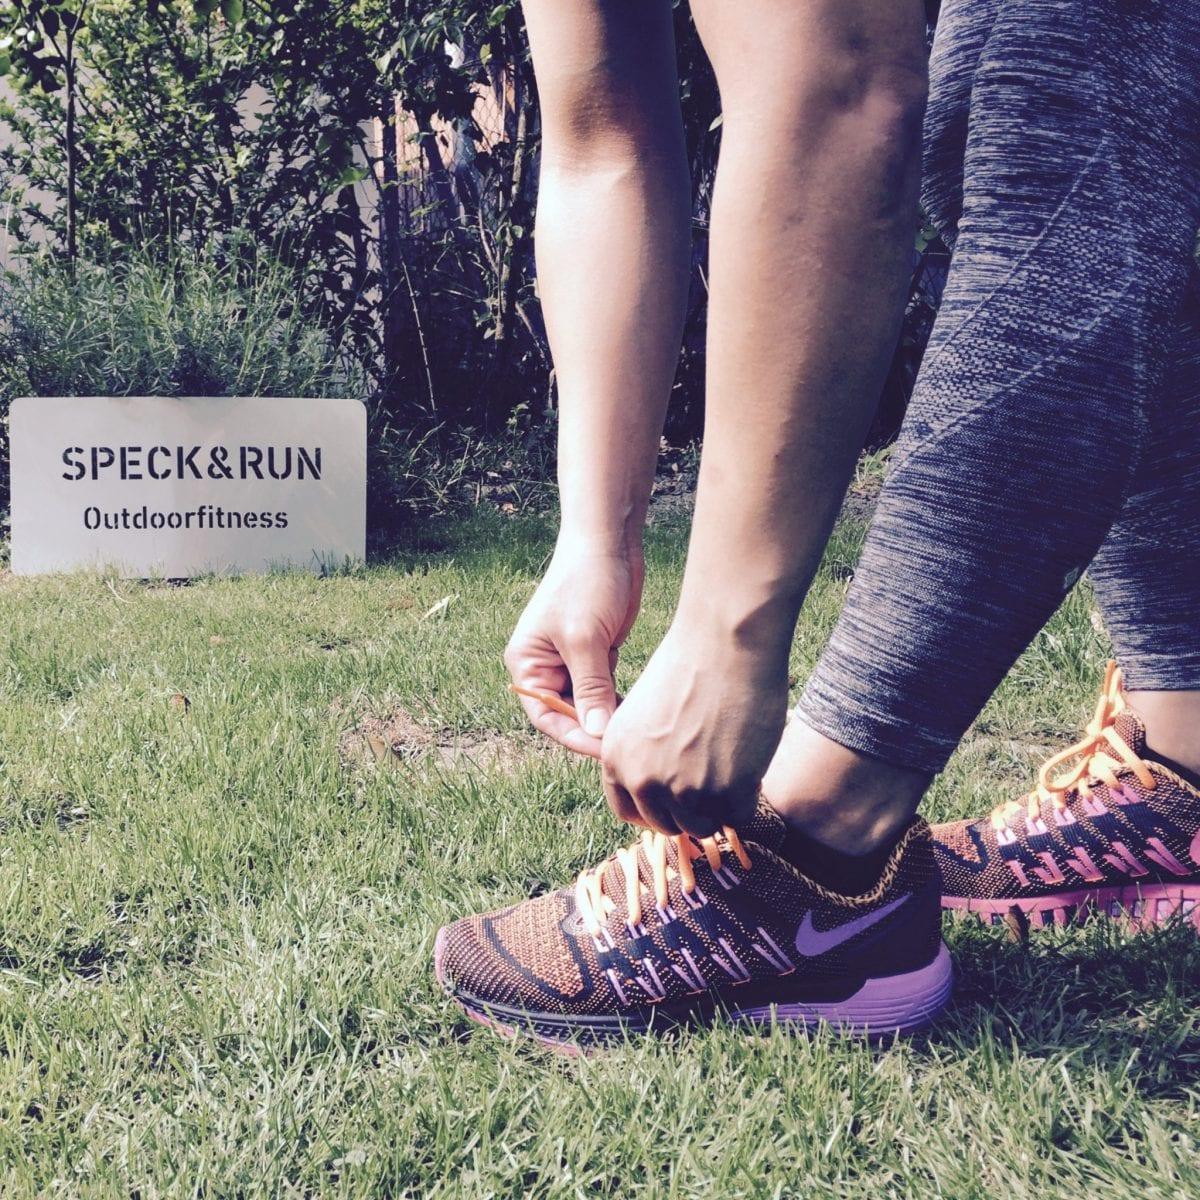 Meine erste Trainingsstunde SPECK&RUN – 2. Blogartikel